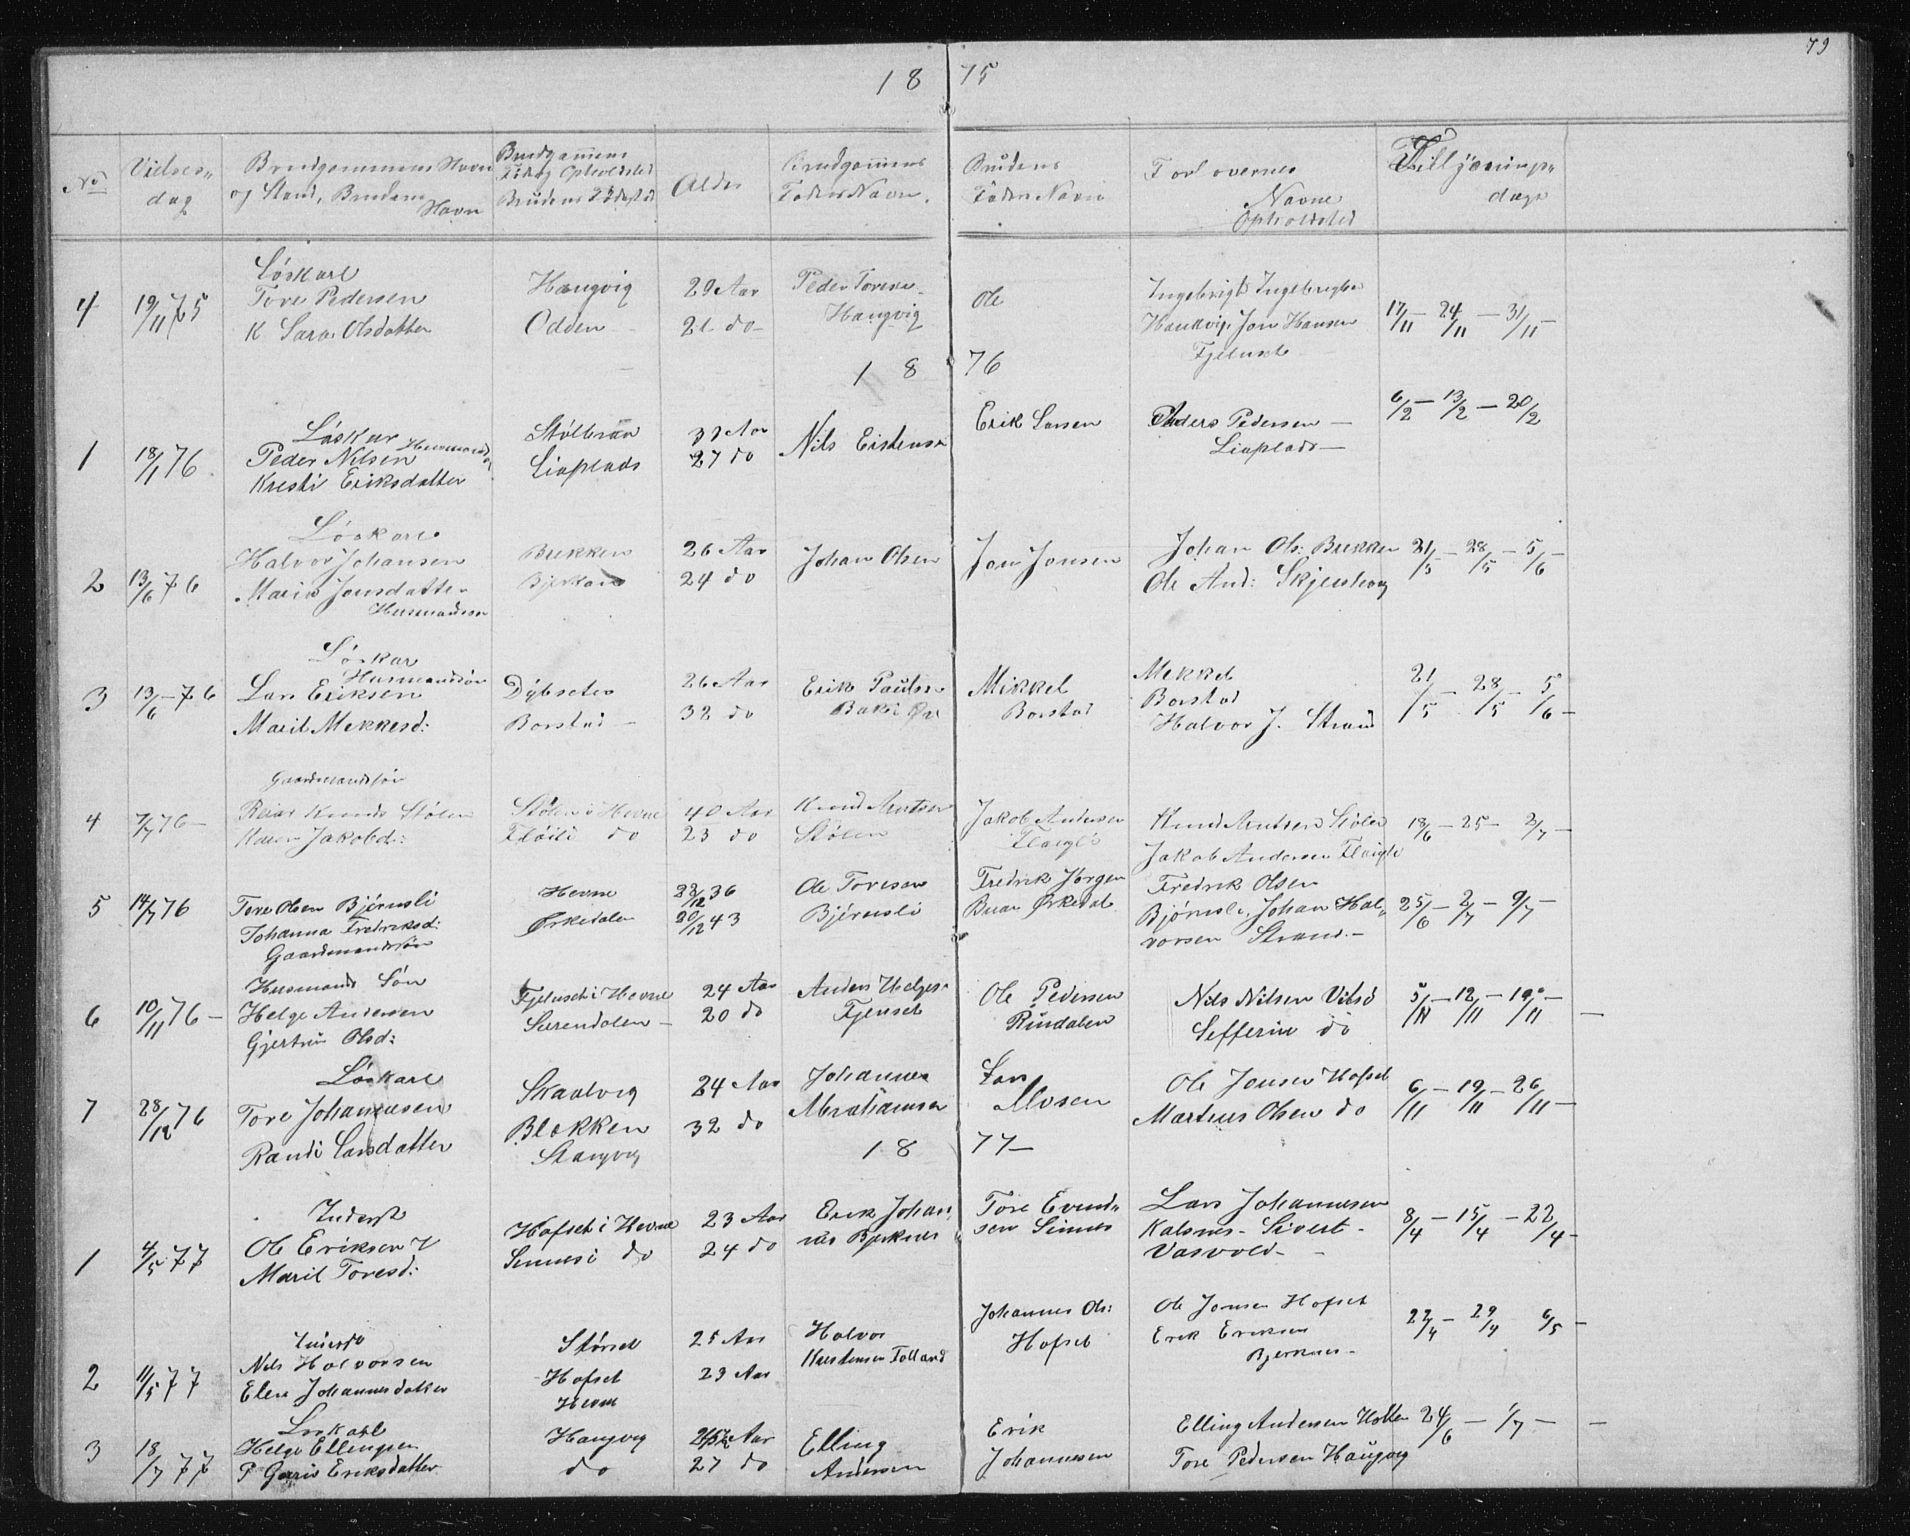 SAT, Ministerialprotokoller, klokkerbøker og fødselsregistre - Sør-Trøndelag, 631/L0513: Klokkerbok nr. 631C01, 1869-1879, s. 79